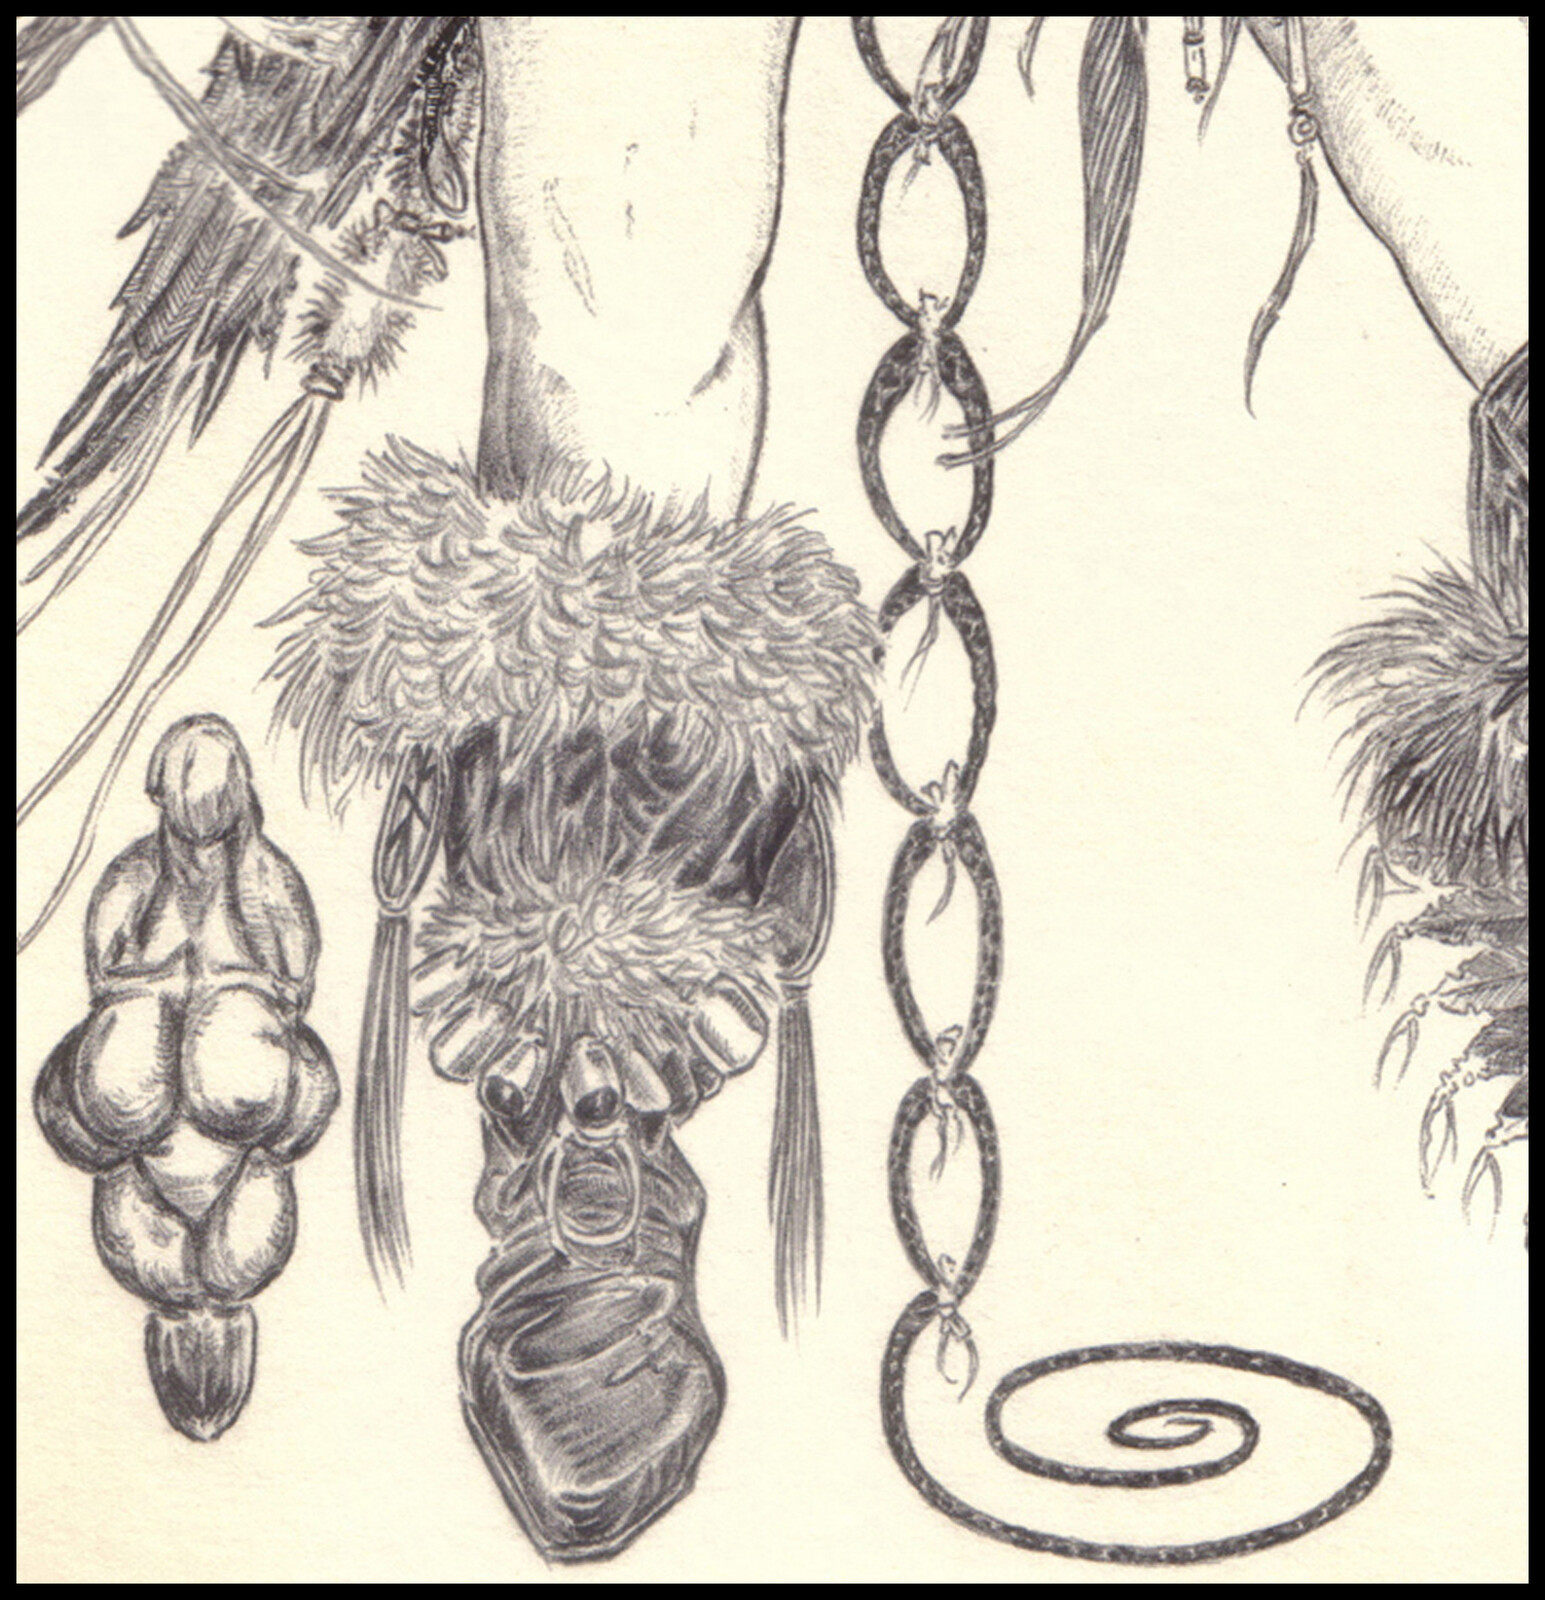 Original Art, close up.